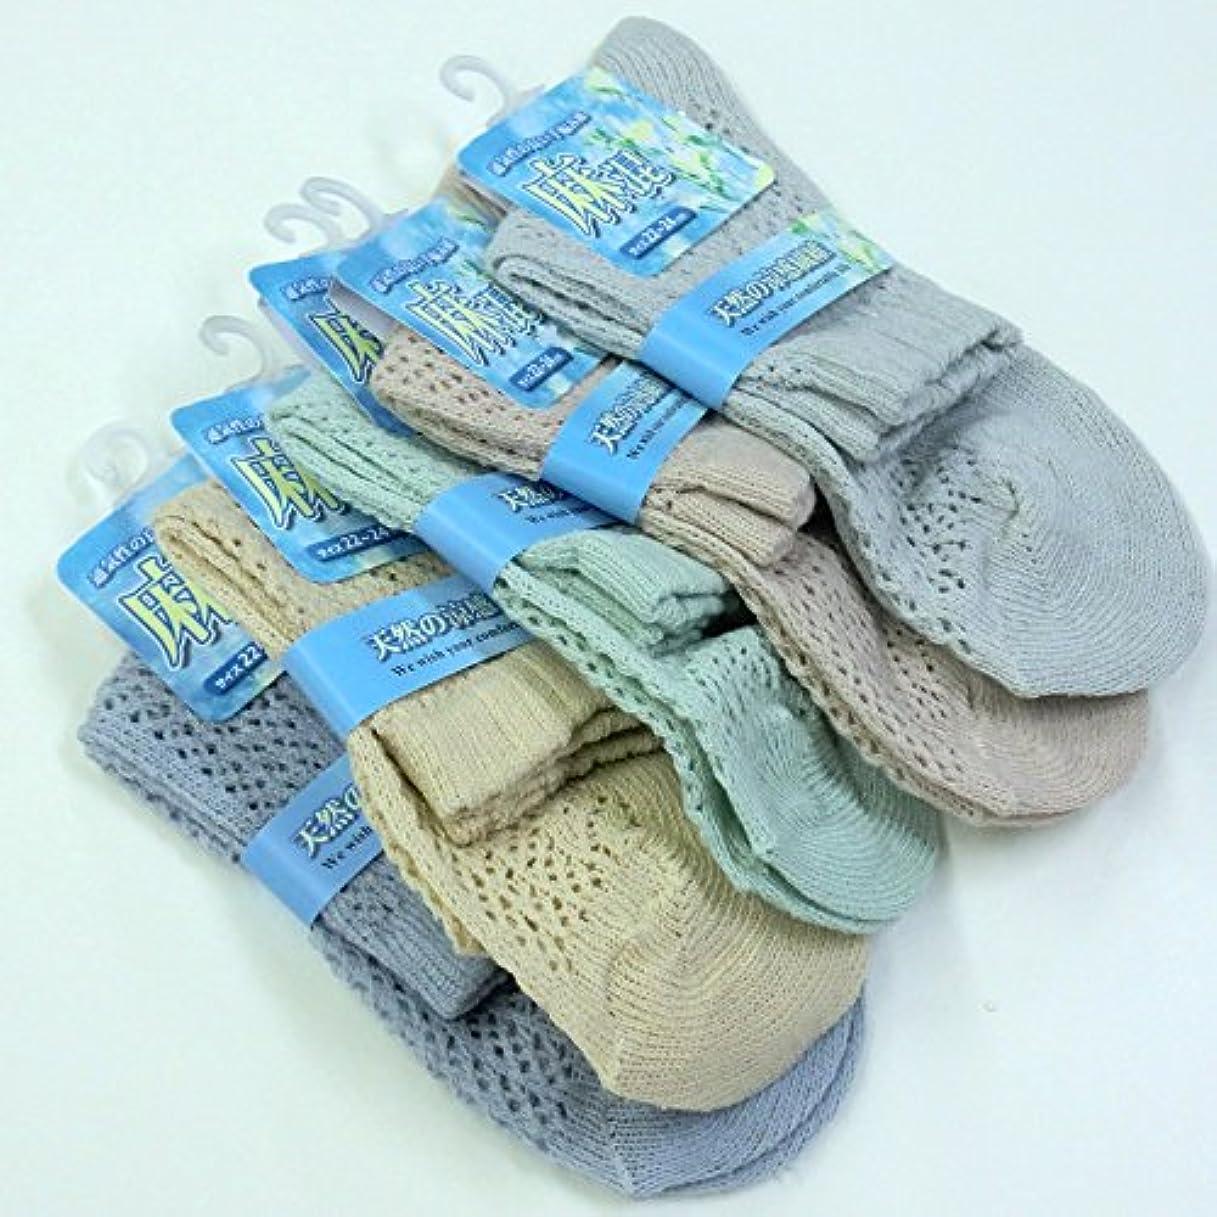 プラカード恐ろしい蓄積する靴下 レディース 麻混 涼しいルミーソックス おしゃれ手編み風 5色5足組